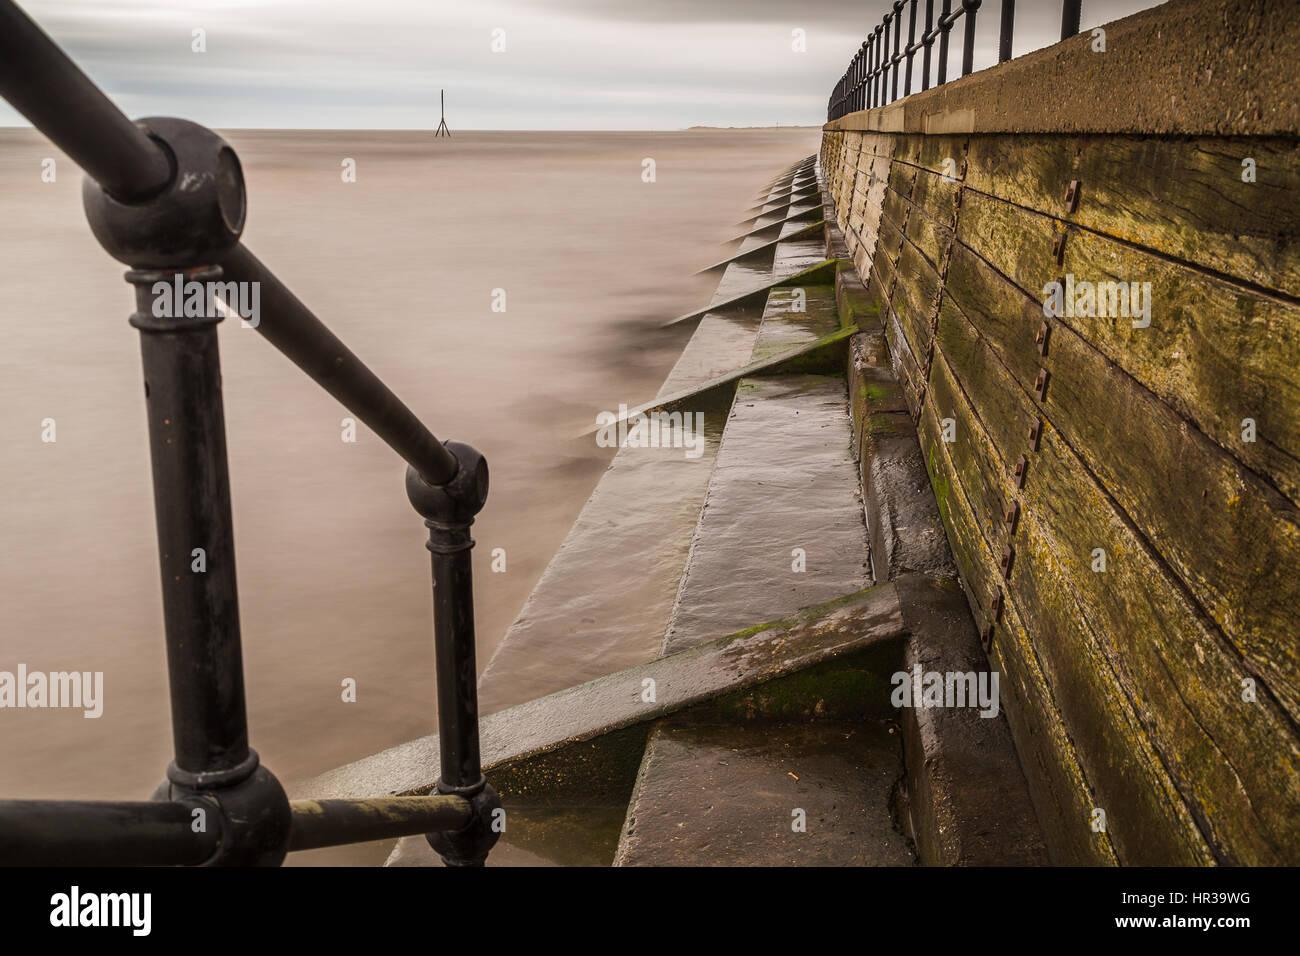 El agua golpea contra los pasos del muro de contención en la costa de Sefton en marea alta. Este fue capturado en Foto de stock